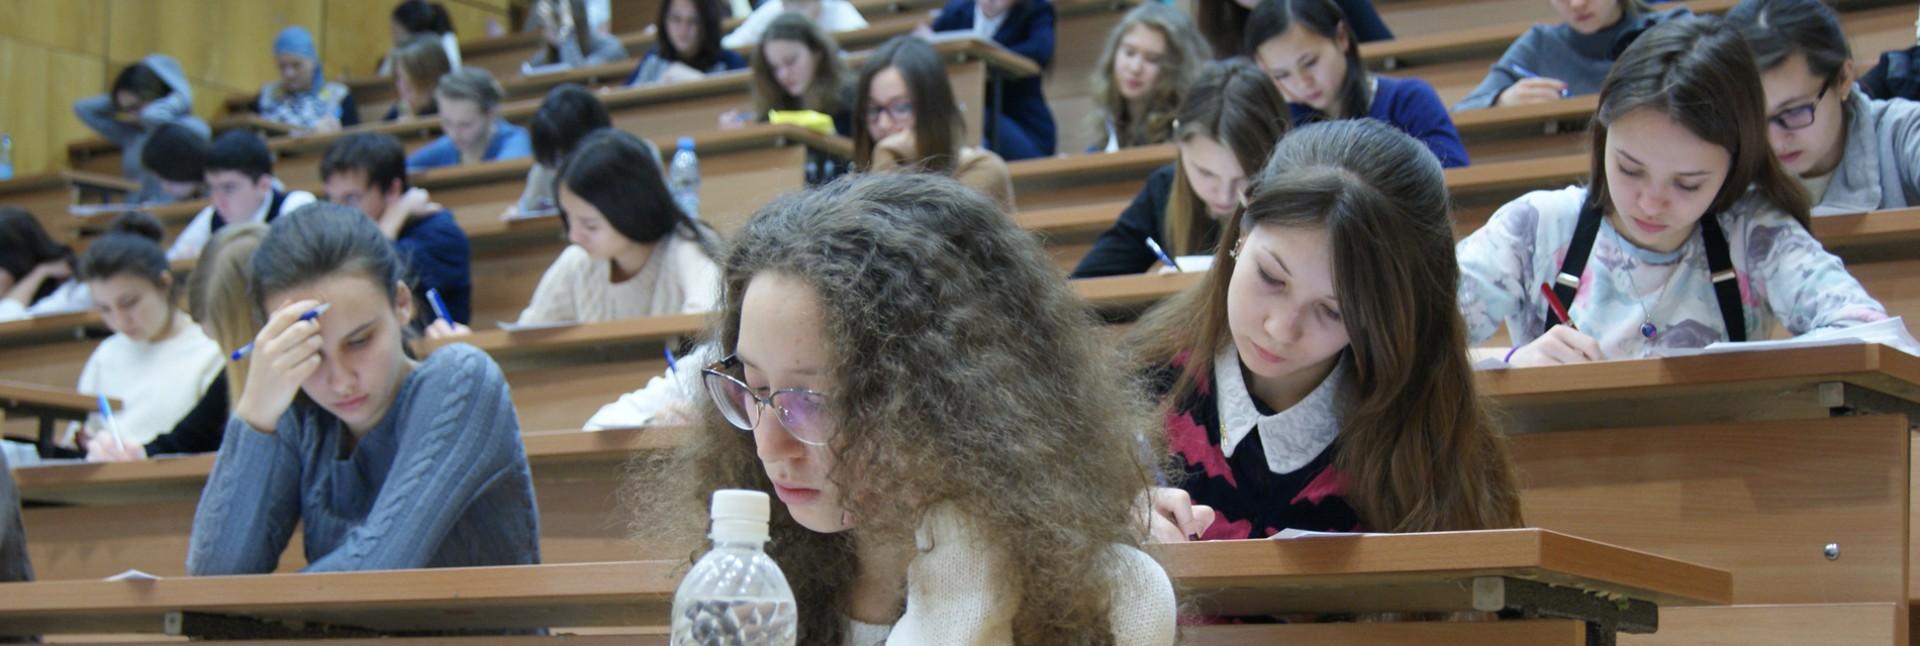 Межрегиональные предметные олимпиады Казанского федерального университета